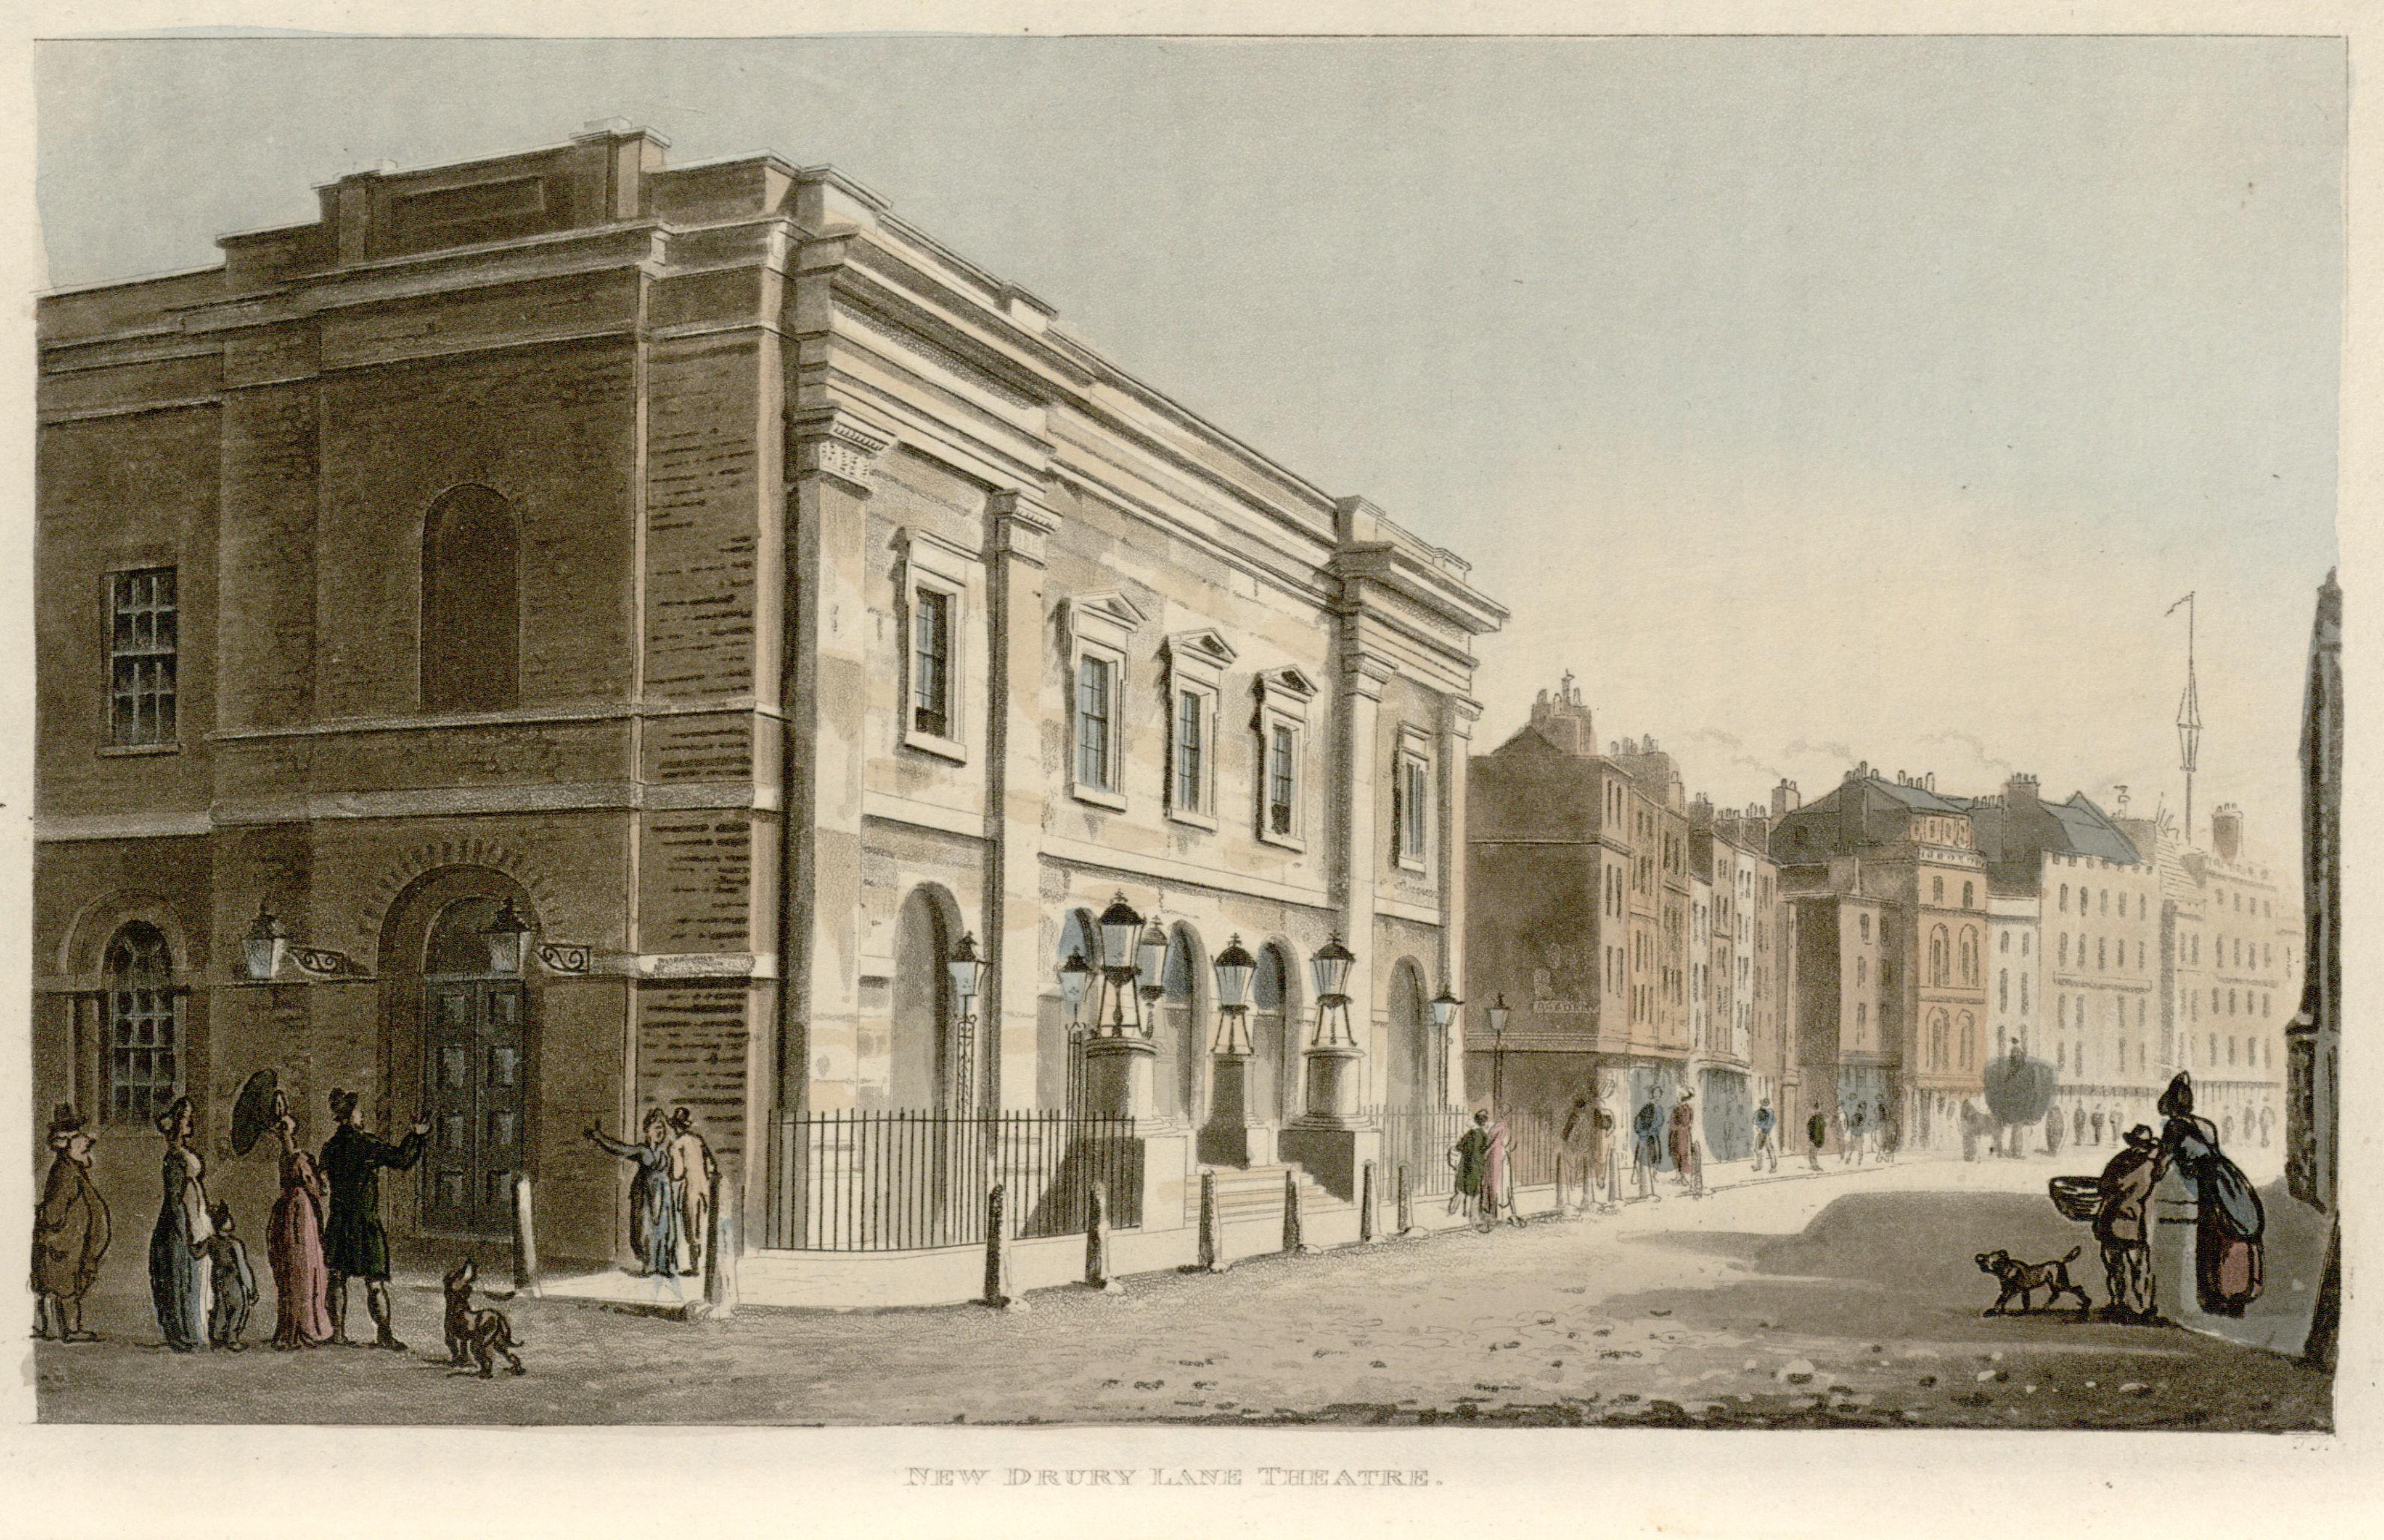 27 - Papworth - New Drury Lane Theatre